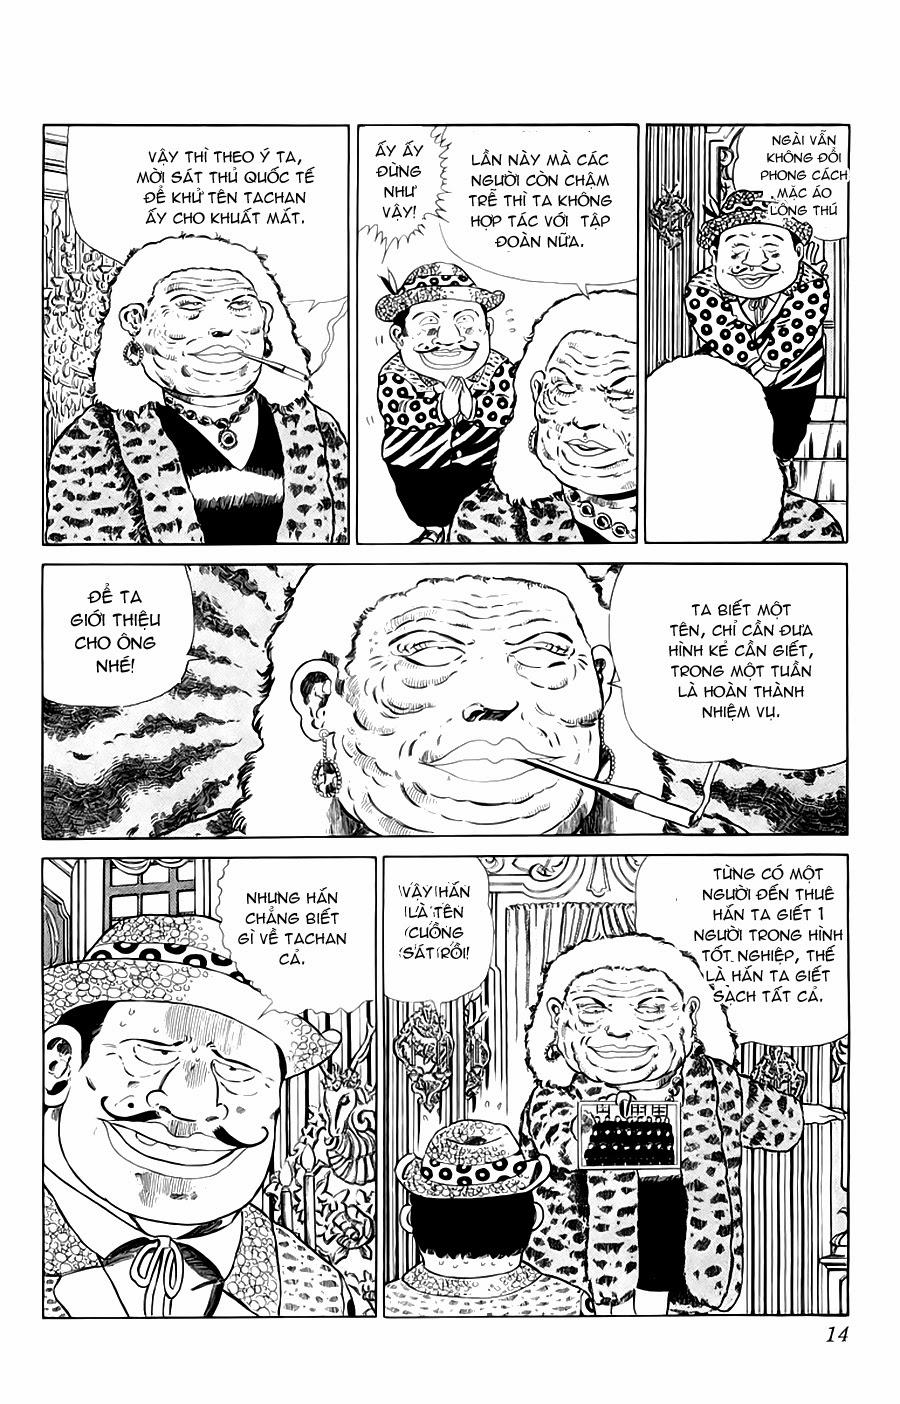 Chúa rừng Ta-chan chapter 113 (new - phần 2 chapter 1) trang 14